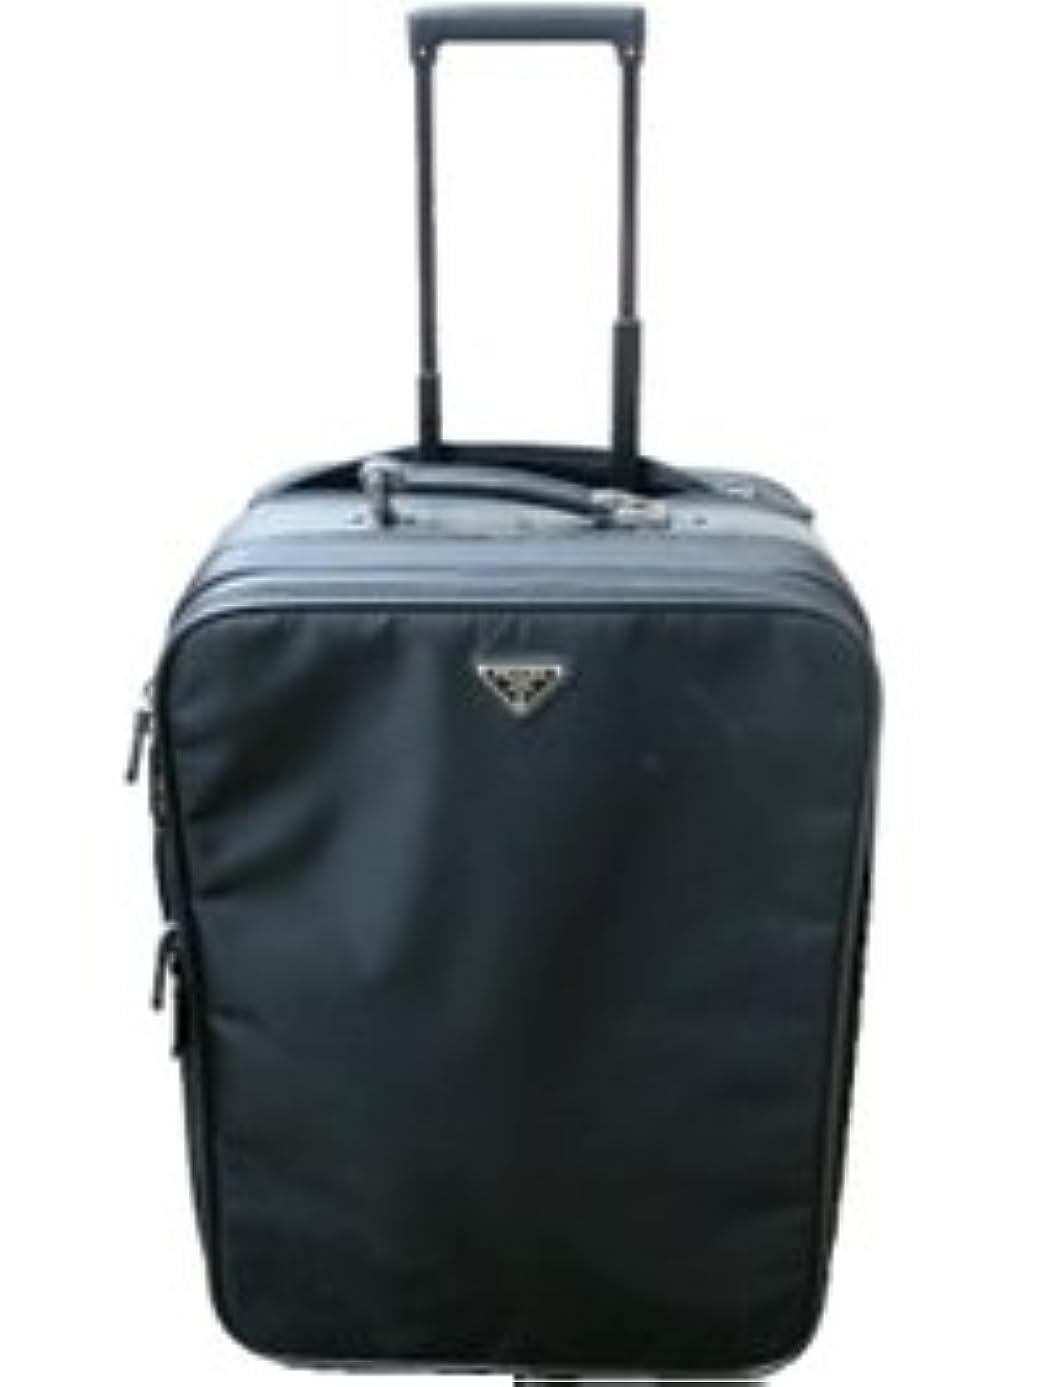 オゾン名声家庭教師プラダ PRADA バッグ キャリーバッグ 旅行かばん トラベル ナイロン製 ブラック 黒 2輪タイヤ VV031M 064 F0002 00 中古